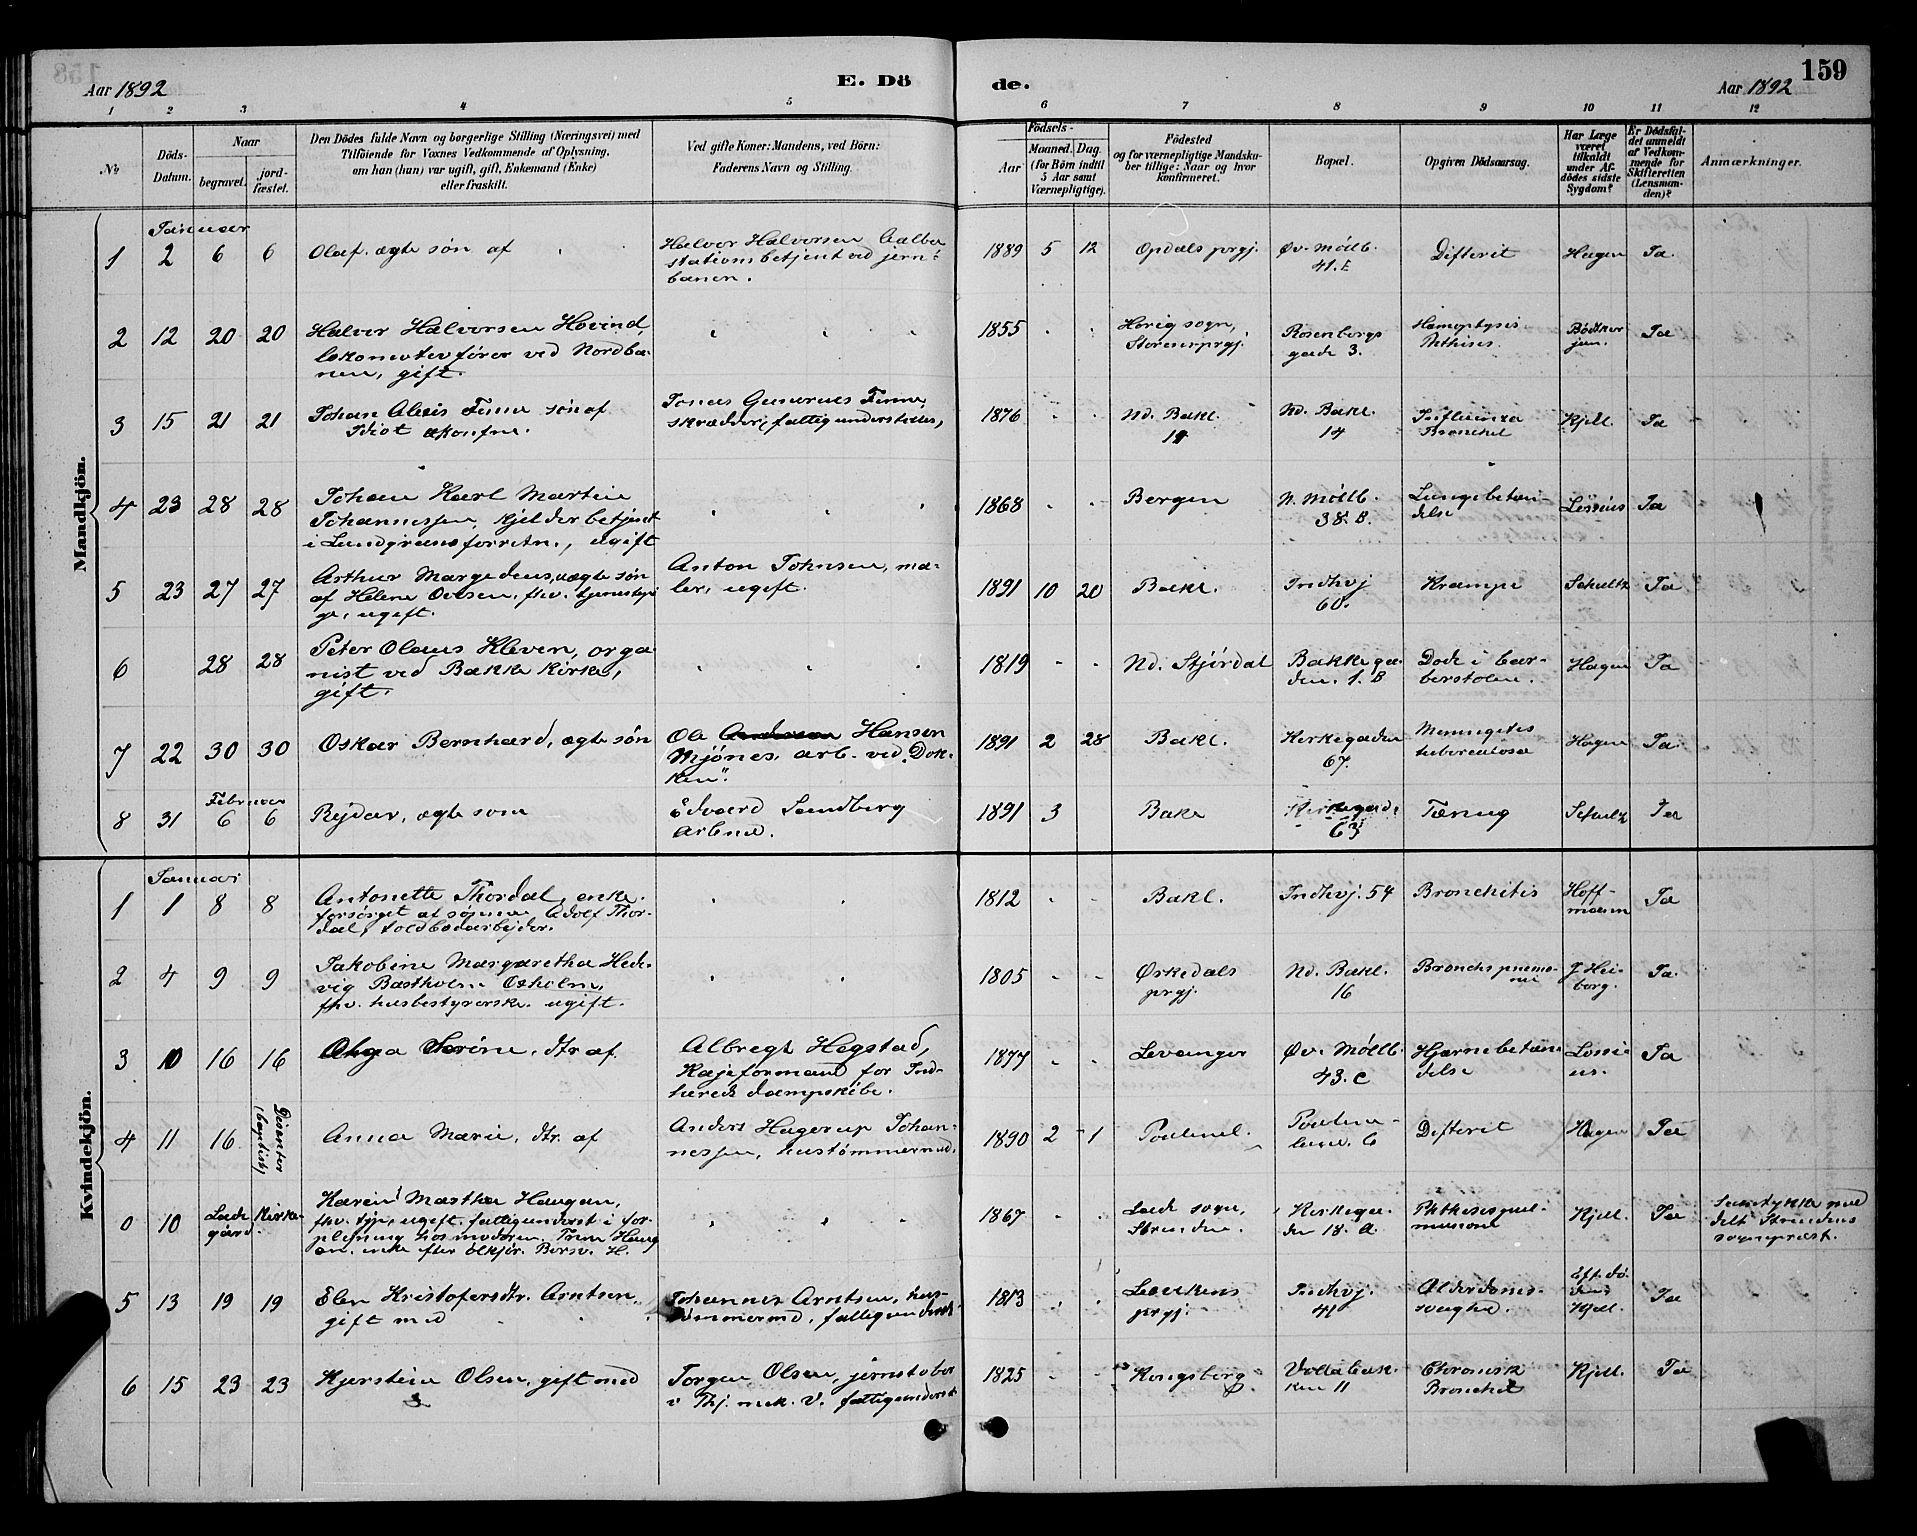 SAT, Ministerialprotokoller, klokkerbøker og fødselsregistre - Sør-Trøndelag, 604/L0223: Klokkerbok nr. 604C06, 1886-1897, s. 159